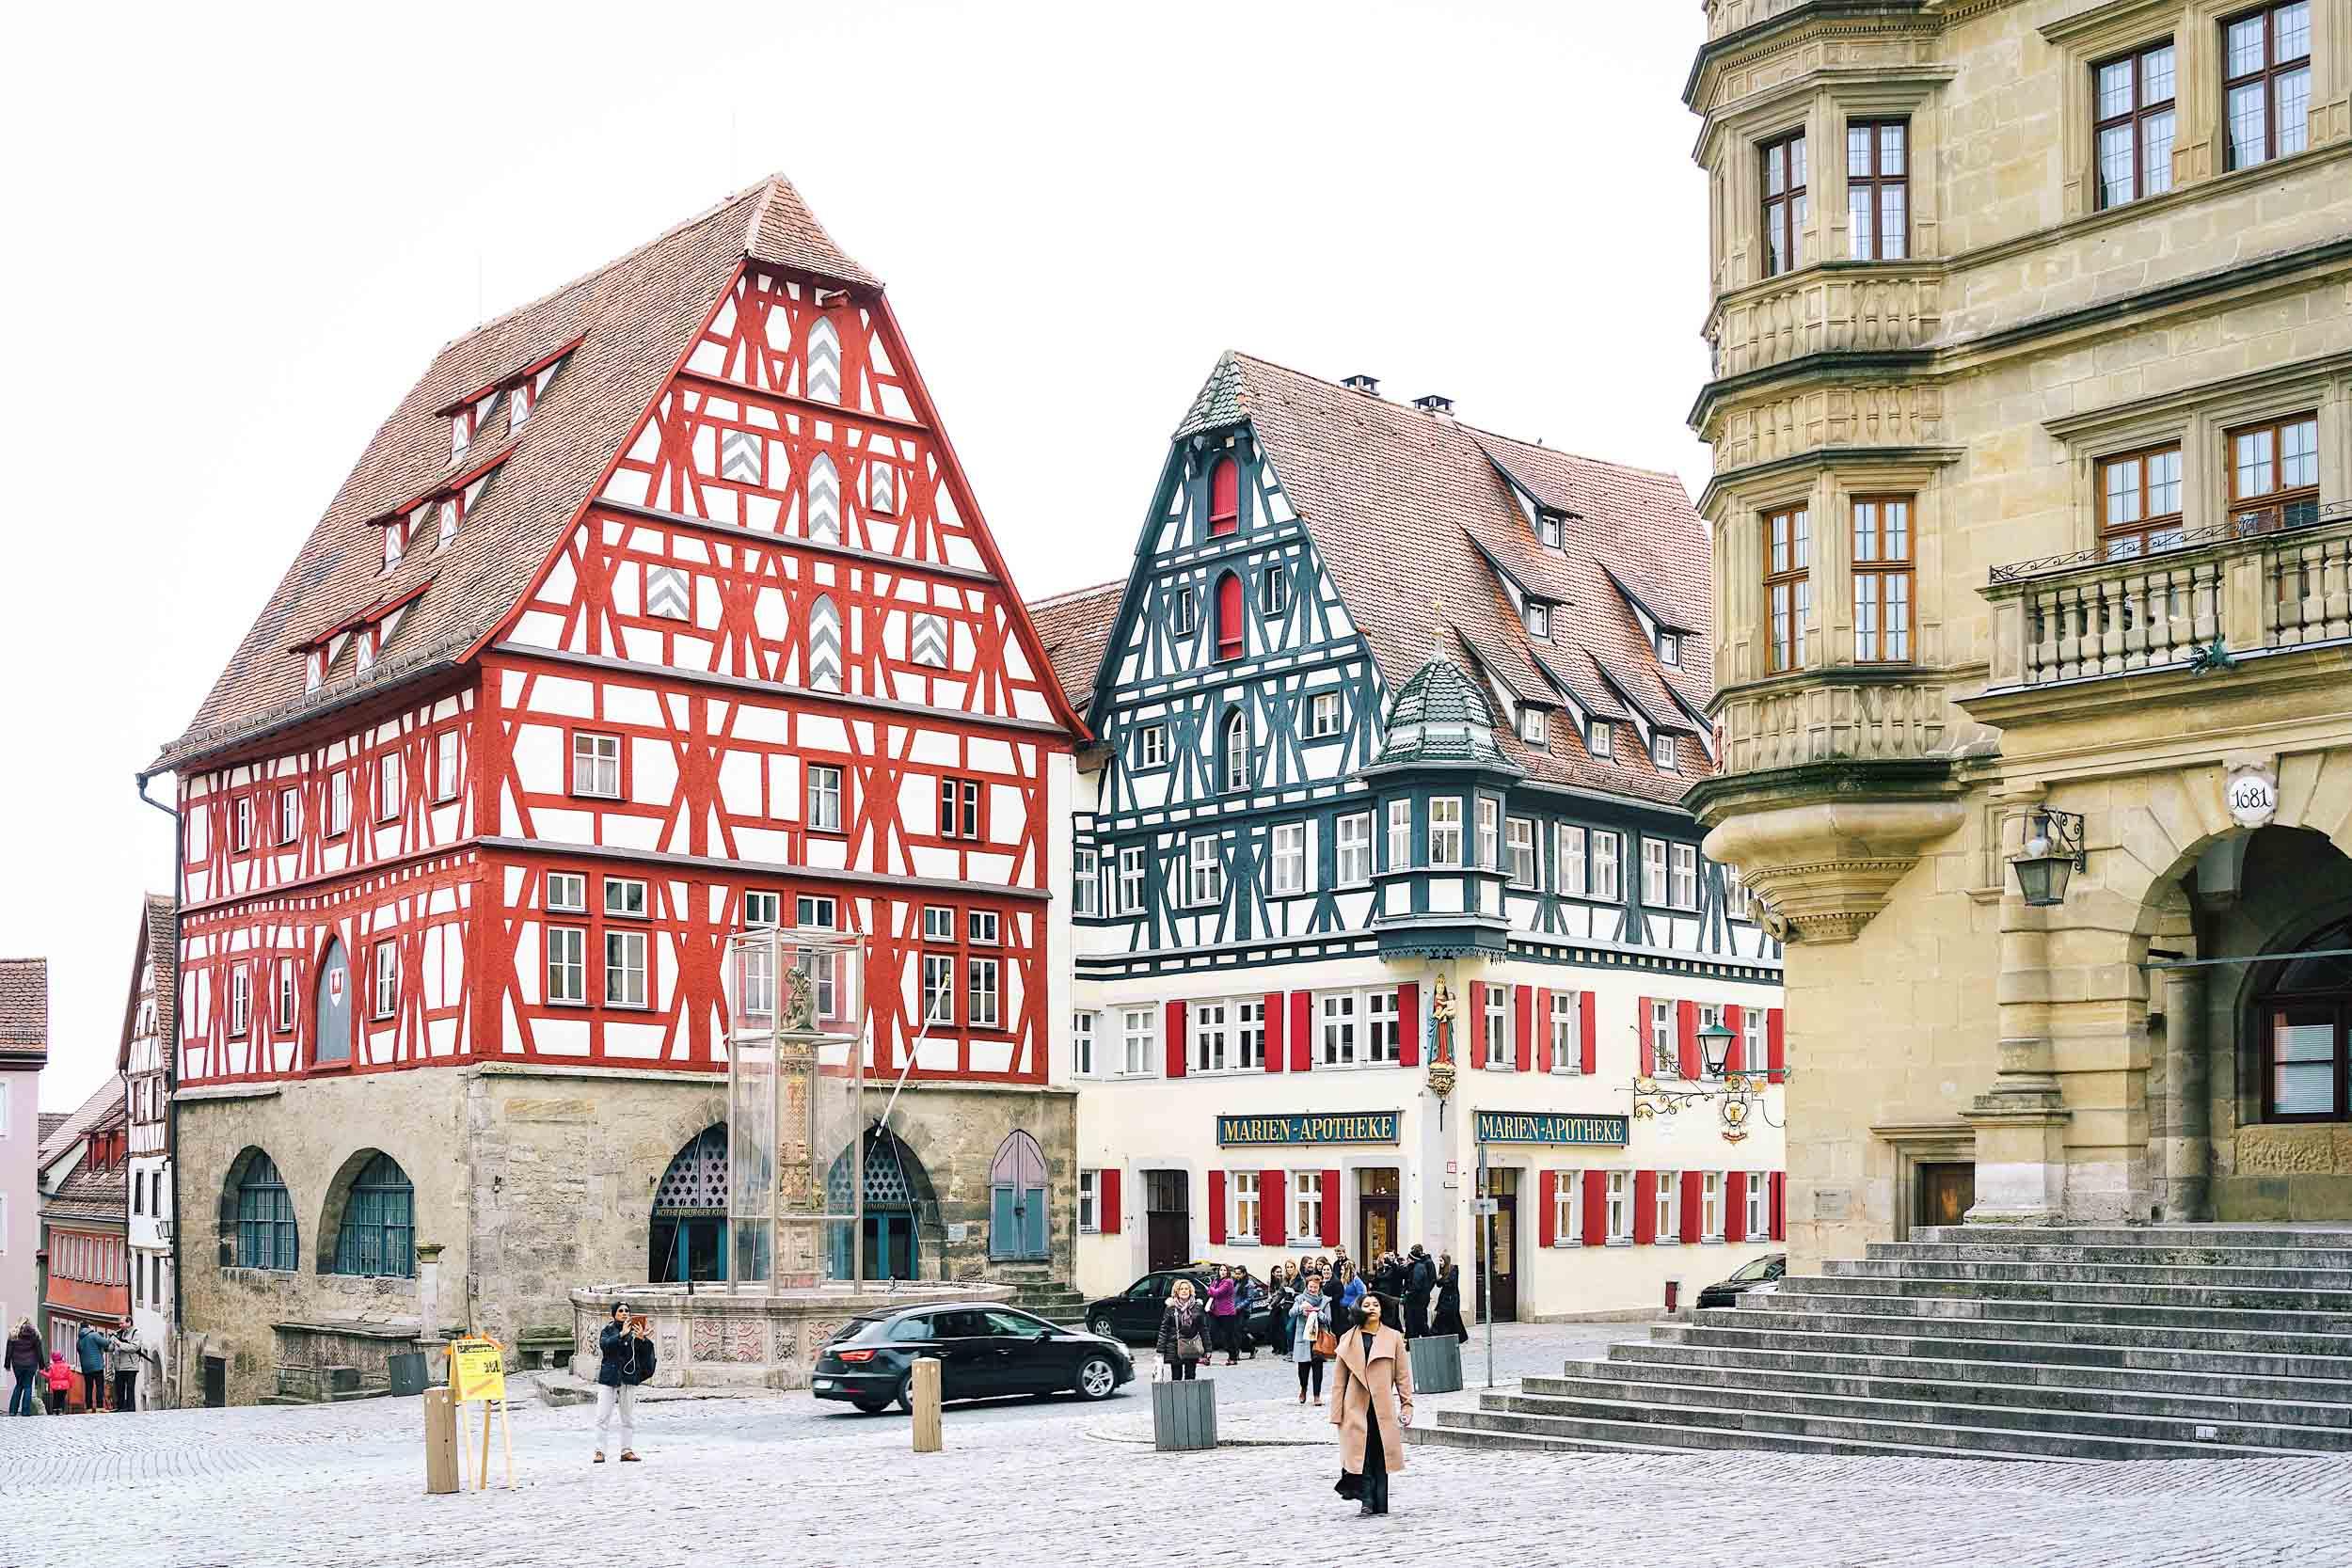 Marktplatz in Rothenburg, Germany